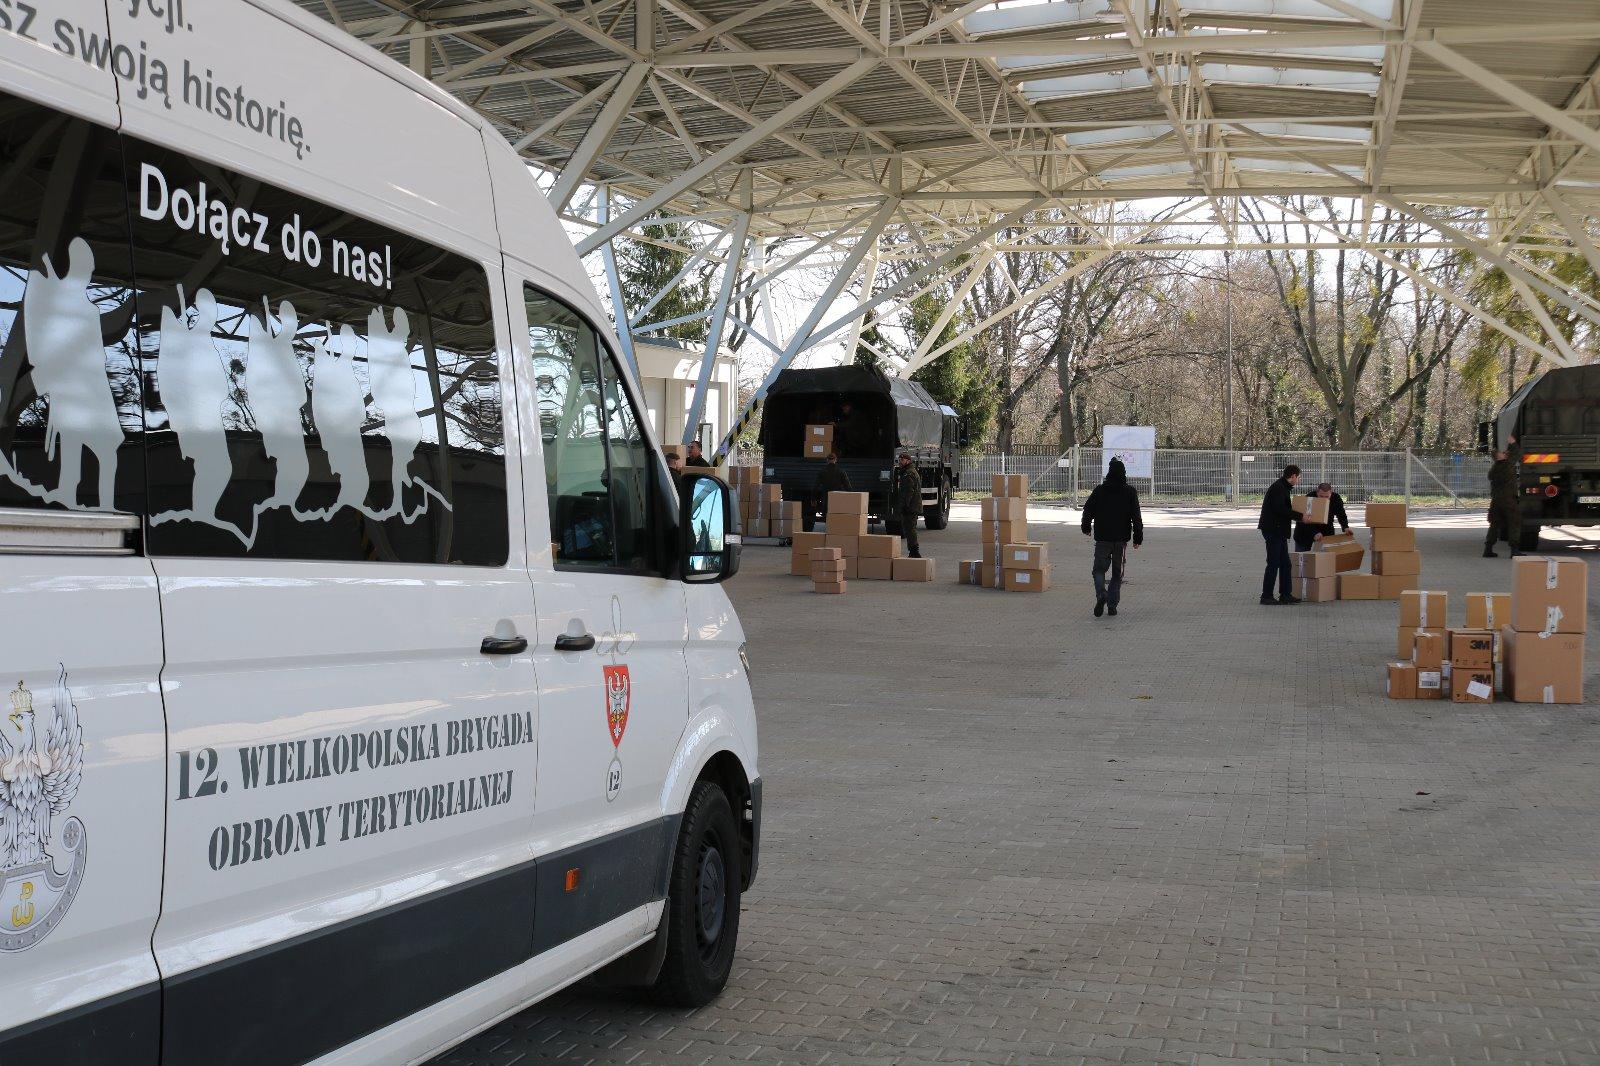 Muzeum Broni Pancernej  Punkt przeładunkowy towarów dostarczanych szpitalom  - Terytorialsi - Zawsze gotowi, zawsze blisko!